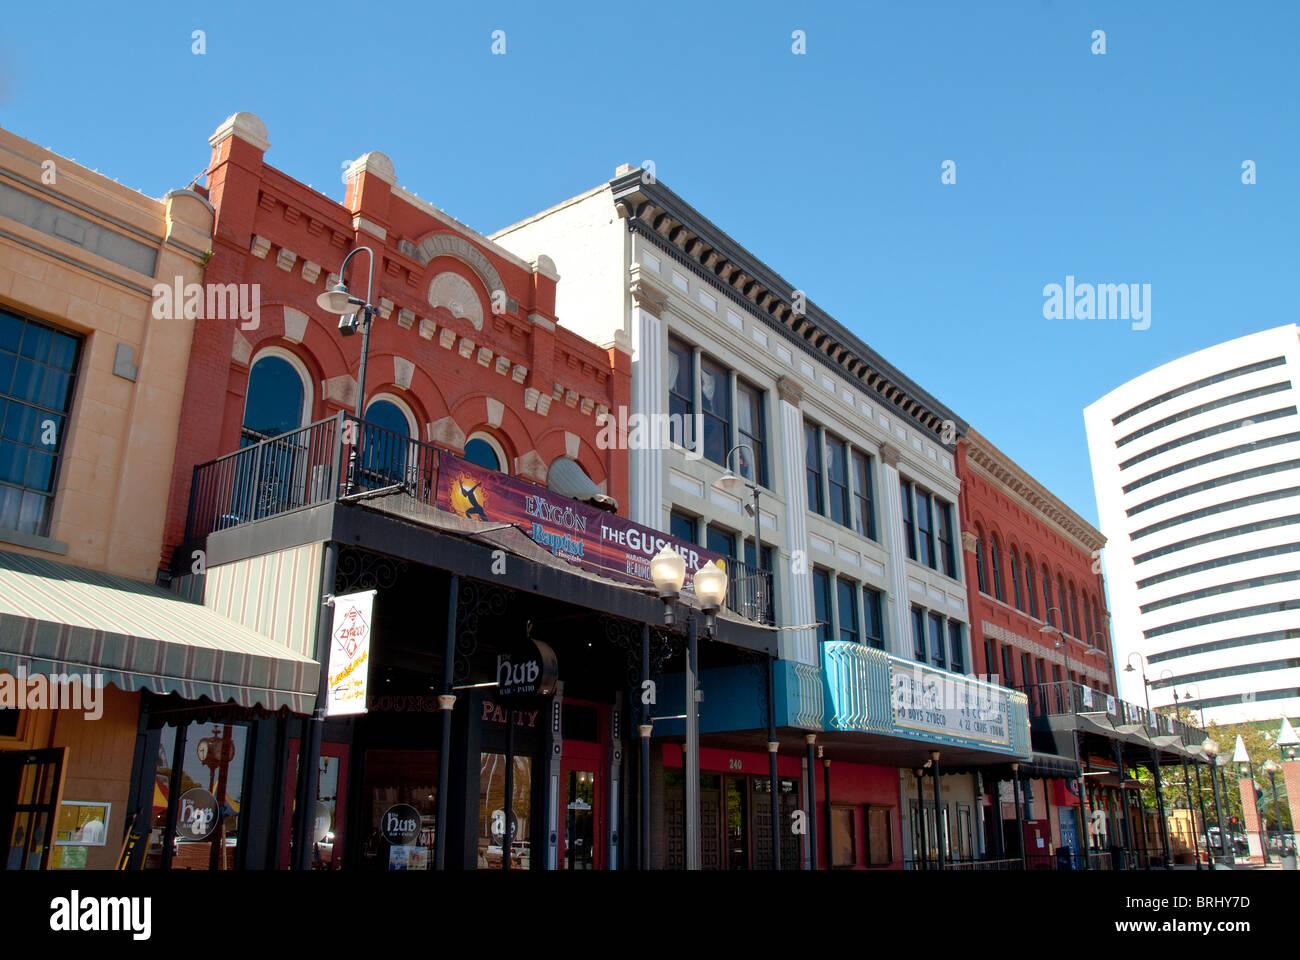 El distrito de entretenimiento de la calle Crockett en Beaumont, Texas, EE.UU. Imagen De Stock